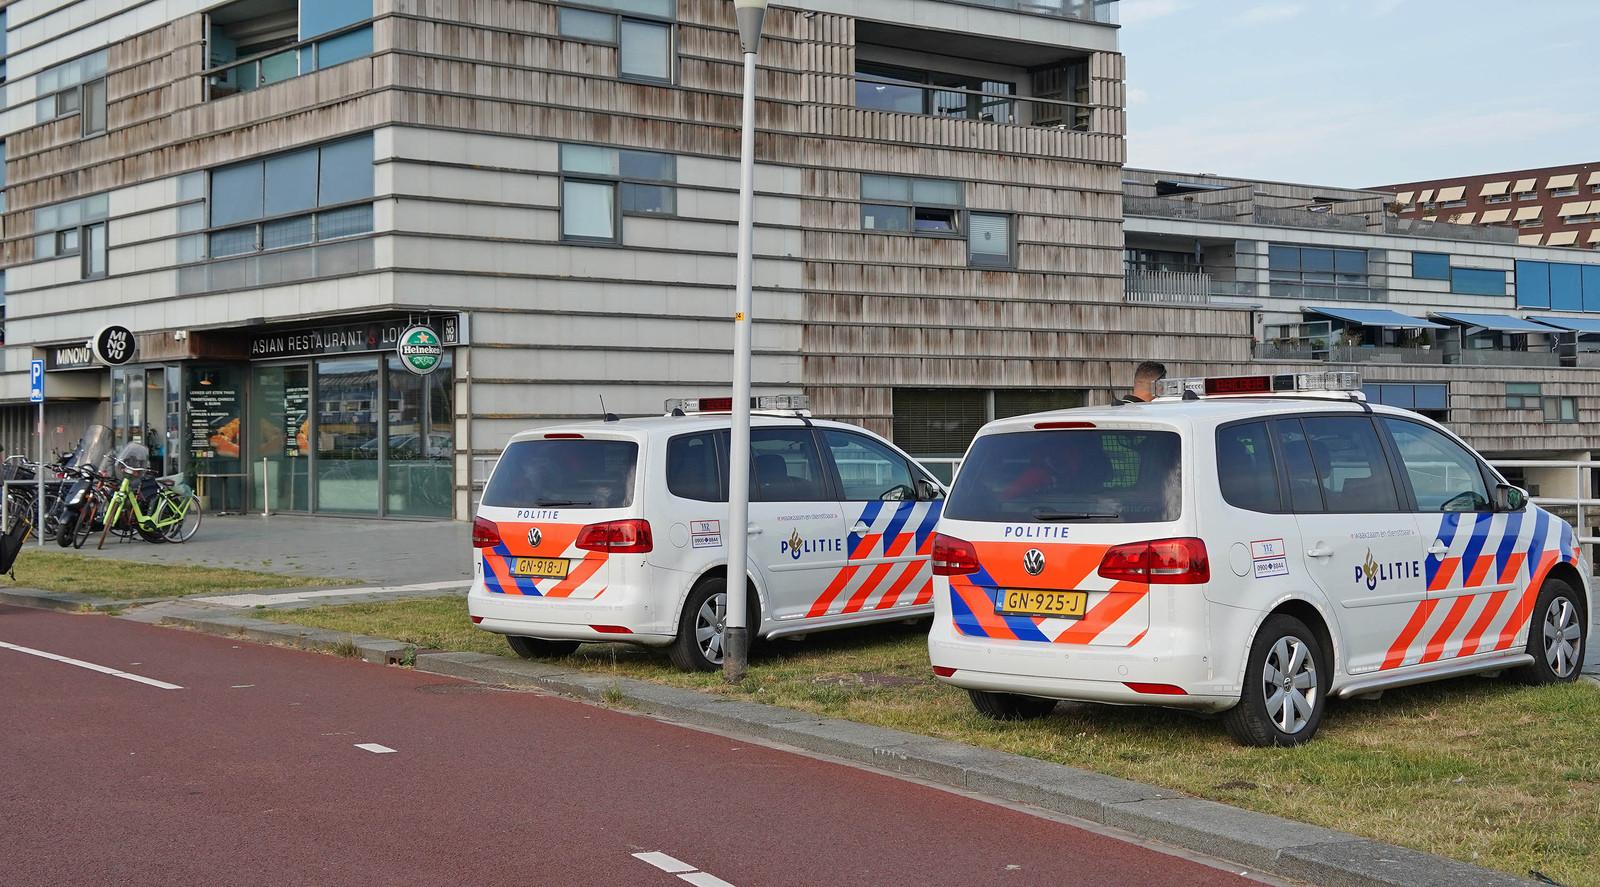 De politie deed na de overval onderzoek bij de getroffen zaak.